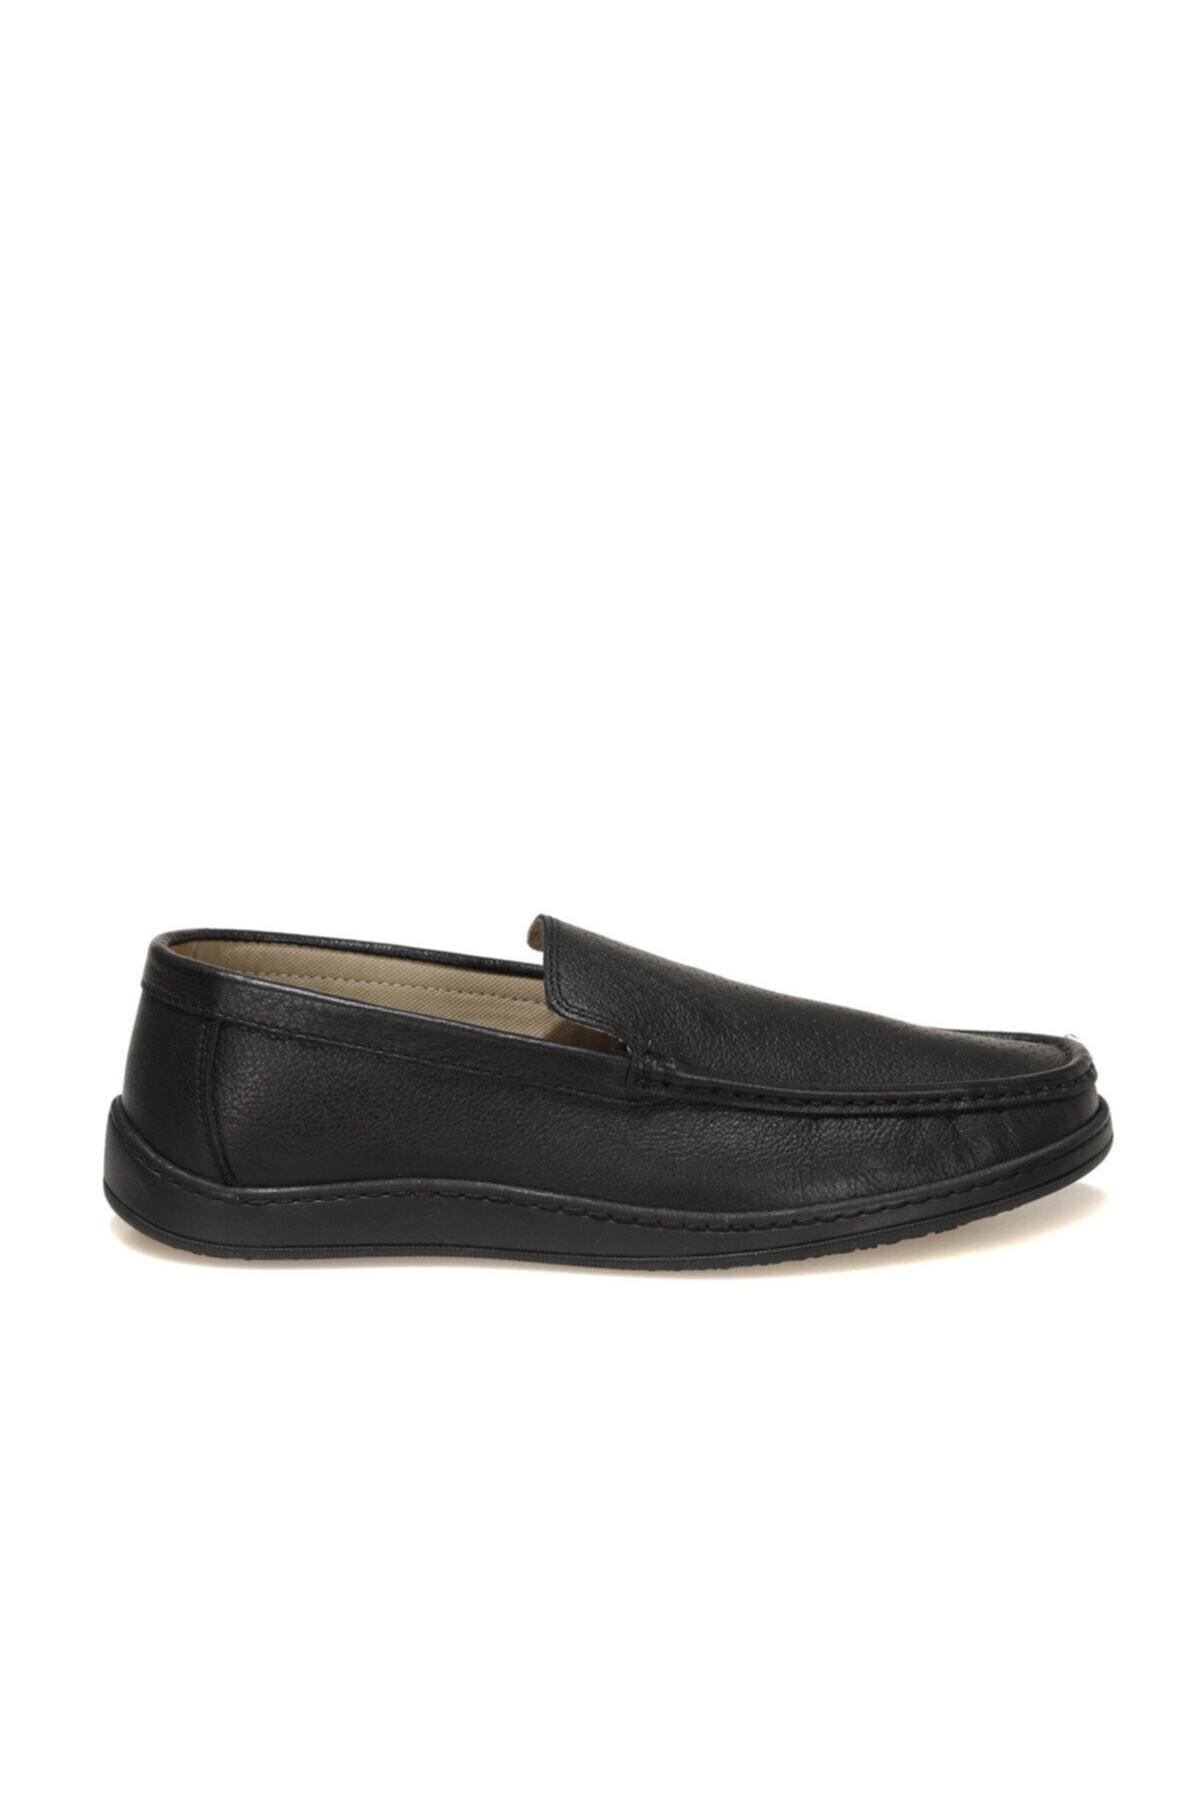 OXIDE CNR91 1FX Siyah Erkek Loafer Ayakkabı 101015709 2